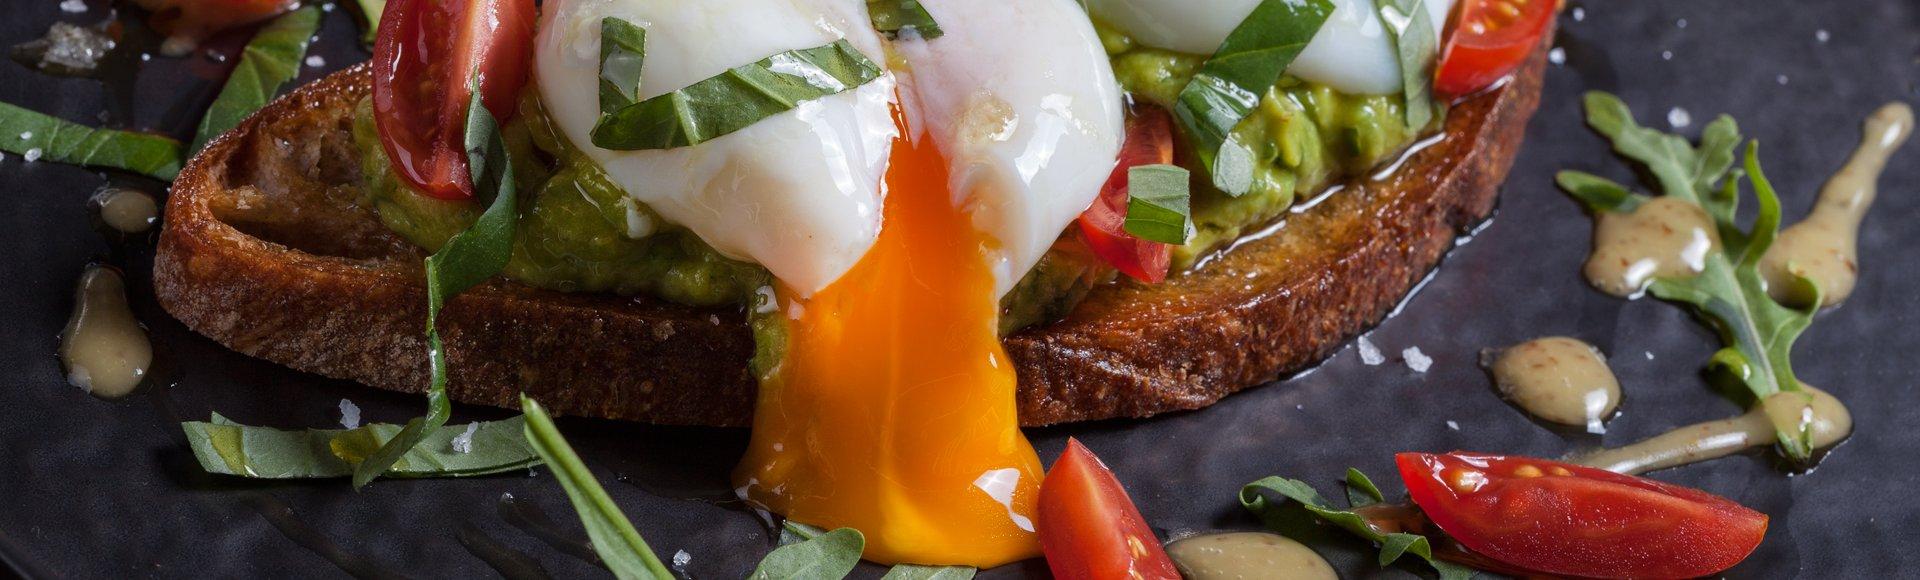 Μπρουσκέτα αβοκάντο, ντοματίνια και αυγό ποσέ